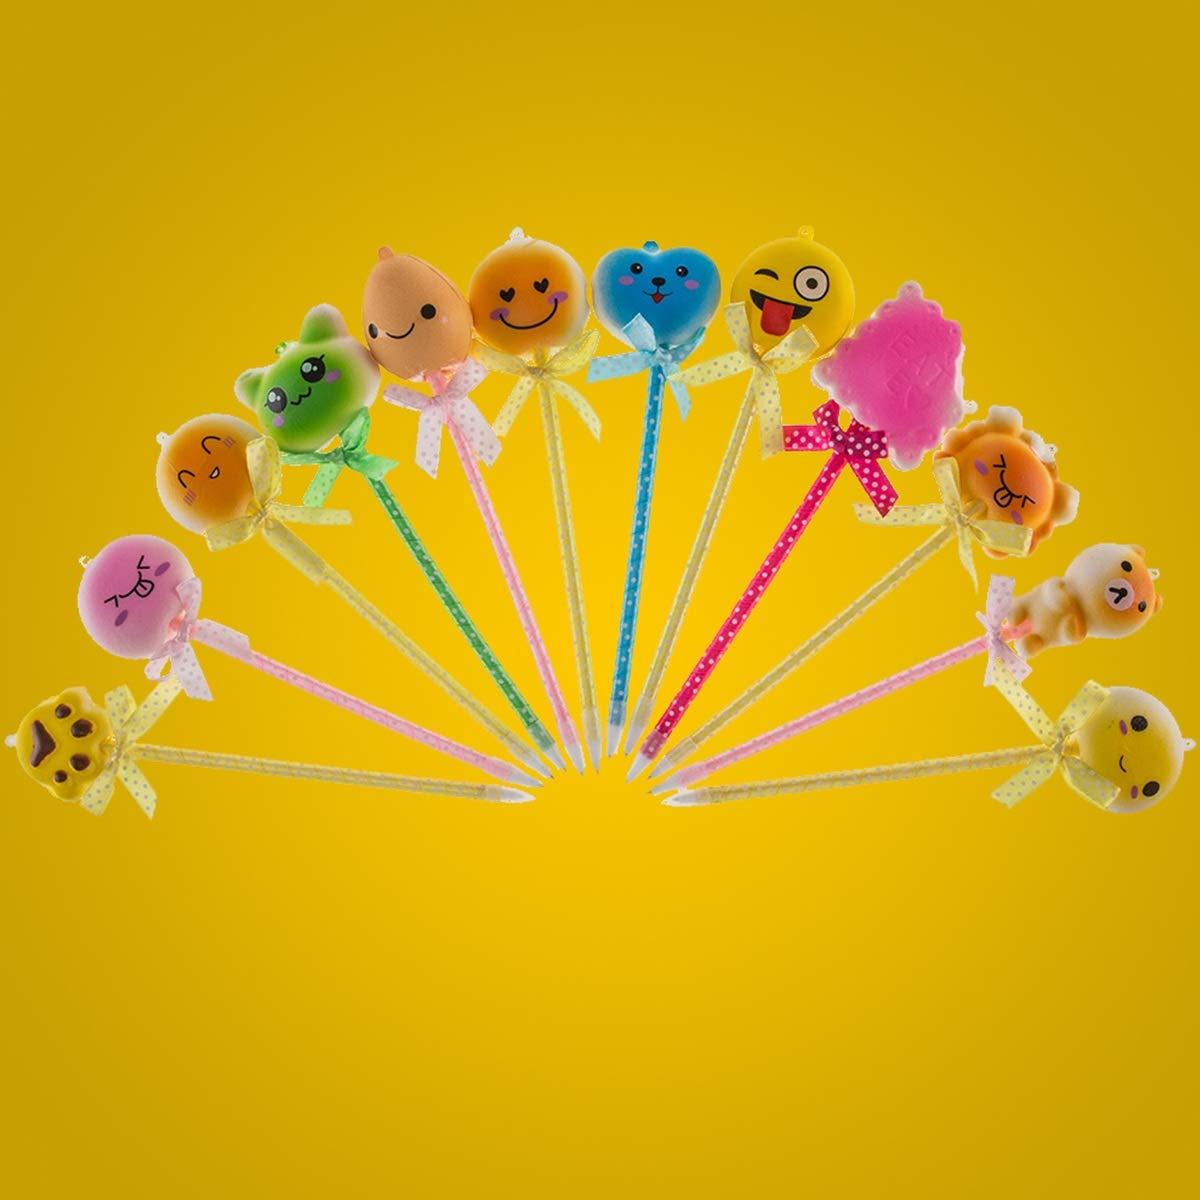 Penna a Sfera Squishy Matita a Crescita lenta Topper Ansia Sollievo dallo Stress Bambini Favori di Partito//Premi in Classe Color : 12pcs